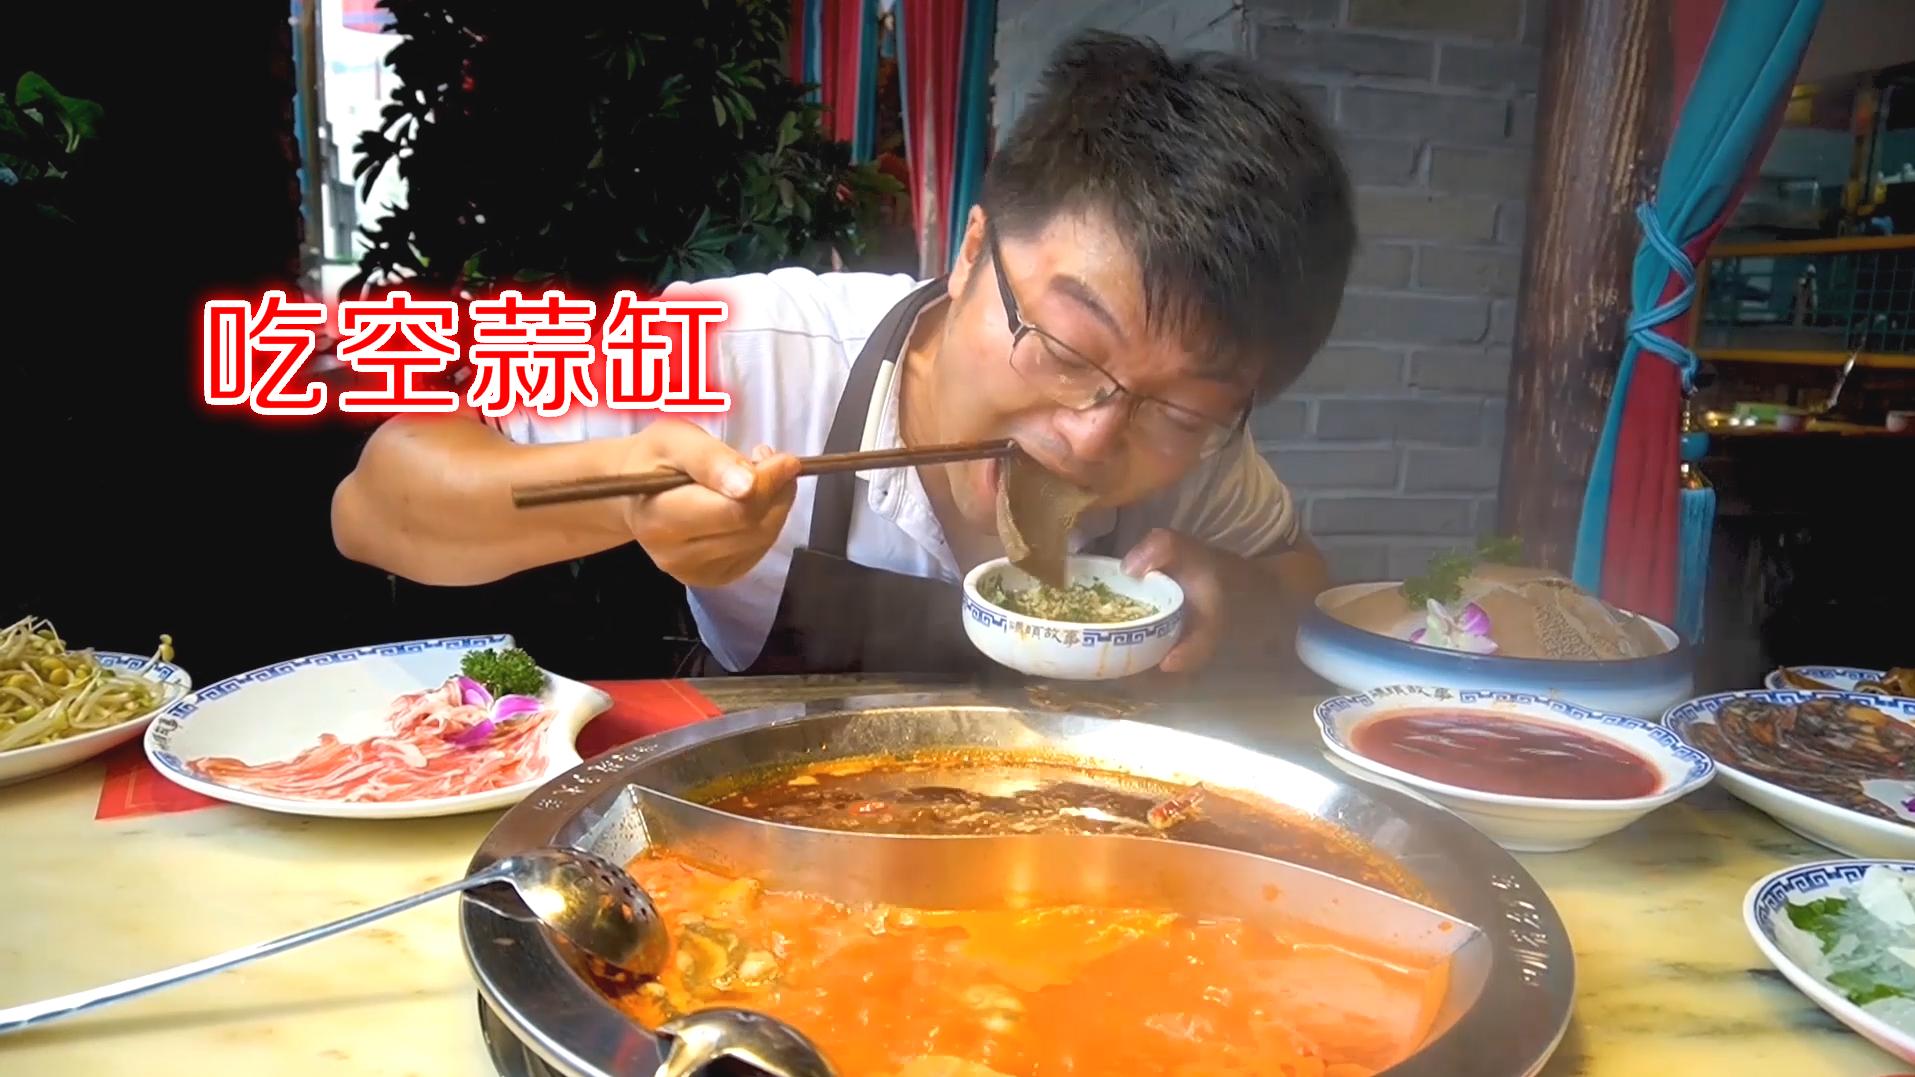 市里新开重庆火锅,蒜泥管饱,大sao点超辣锅,店里蒜缸都能吃空